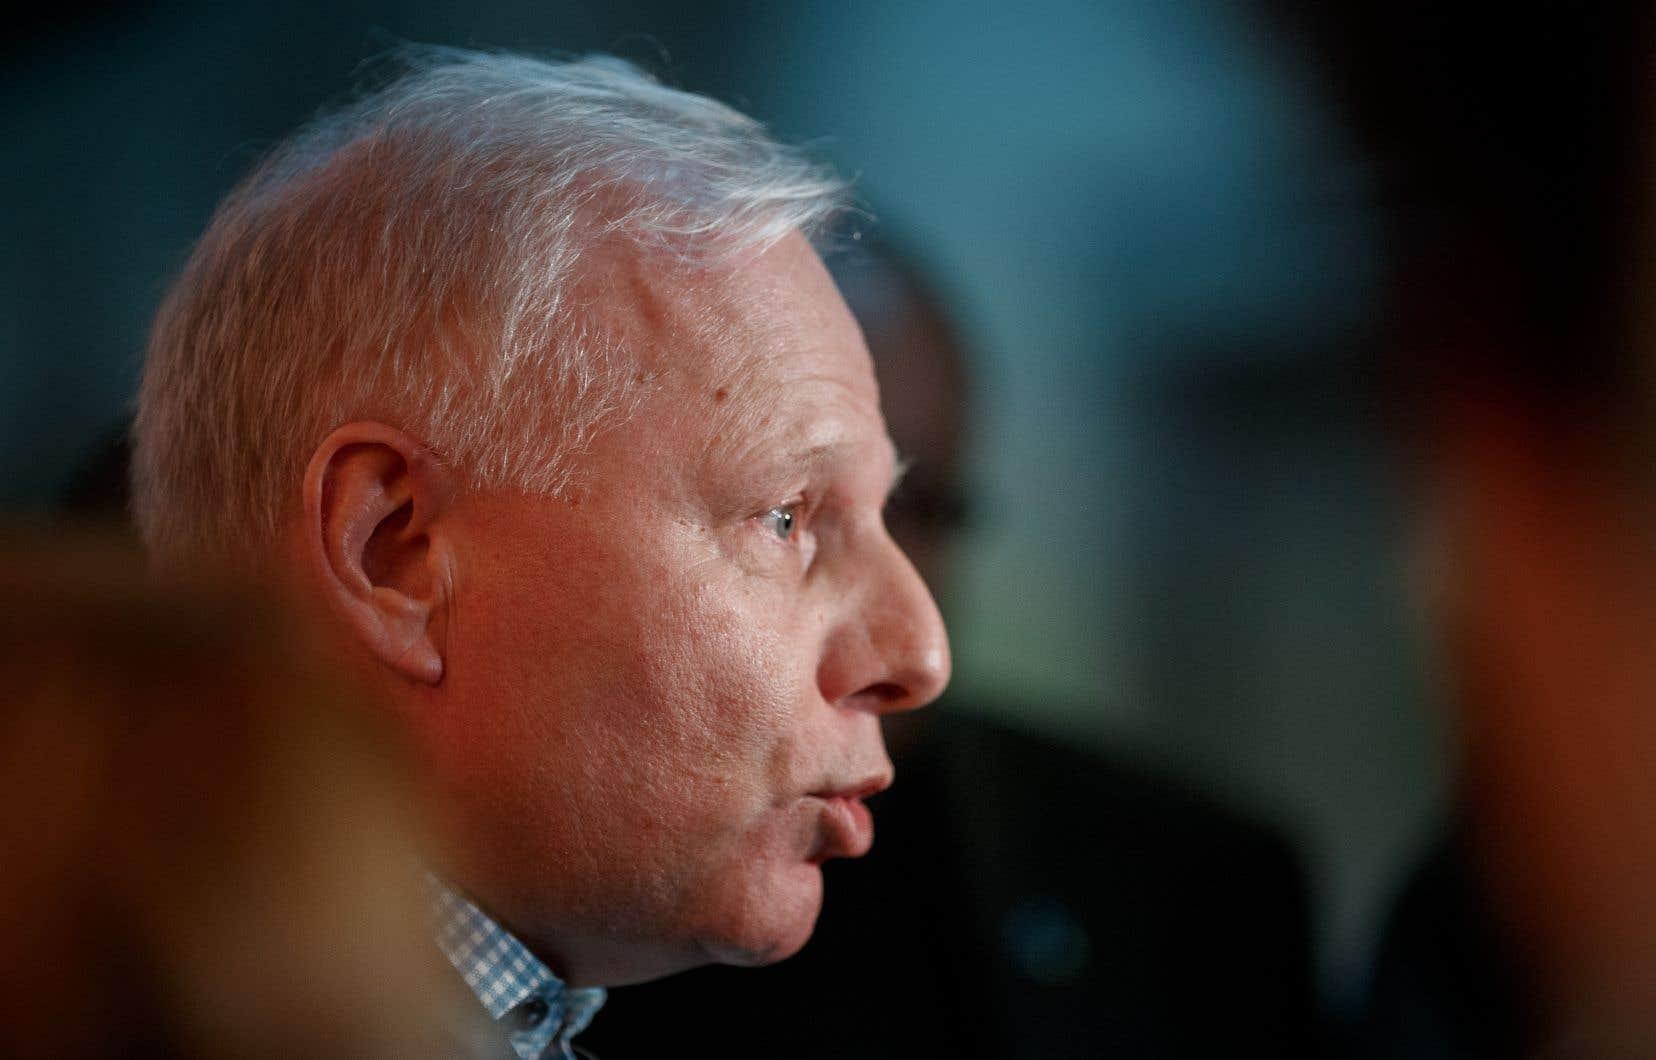 L'auteur croit que «Québec solidaire a sciemment saboté la dernière tentative d'ériger une coalition indépendantiste».